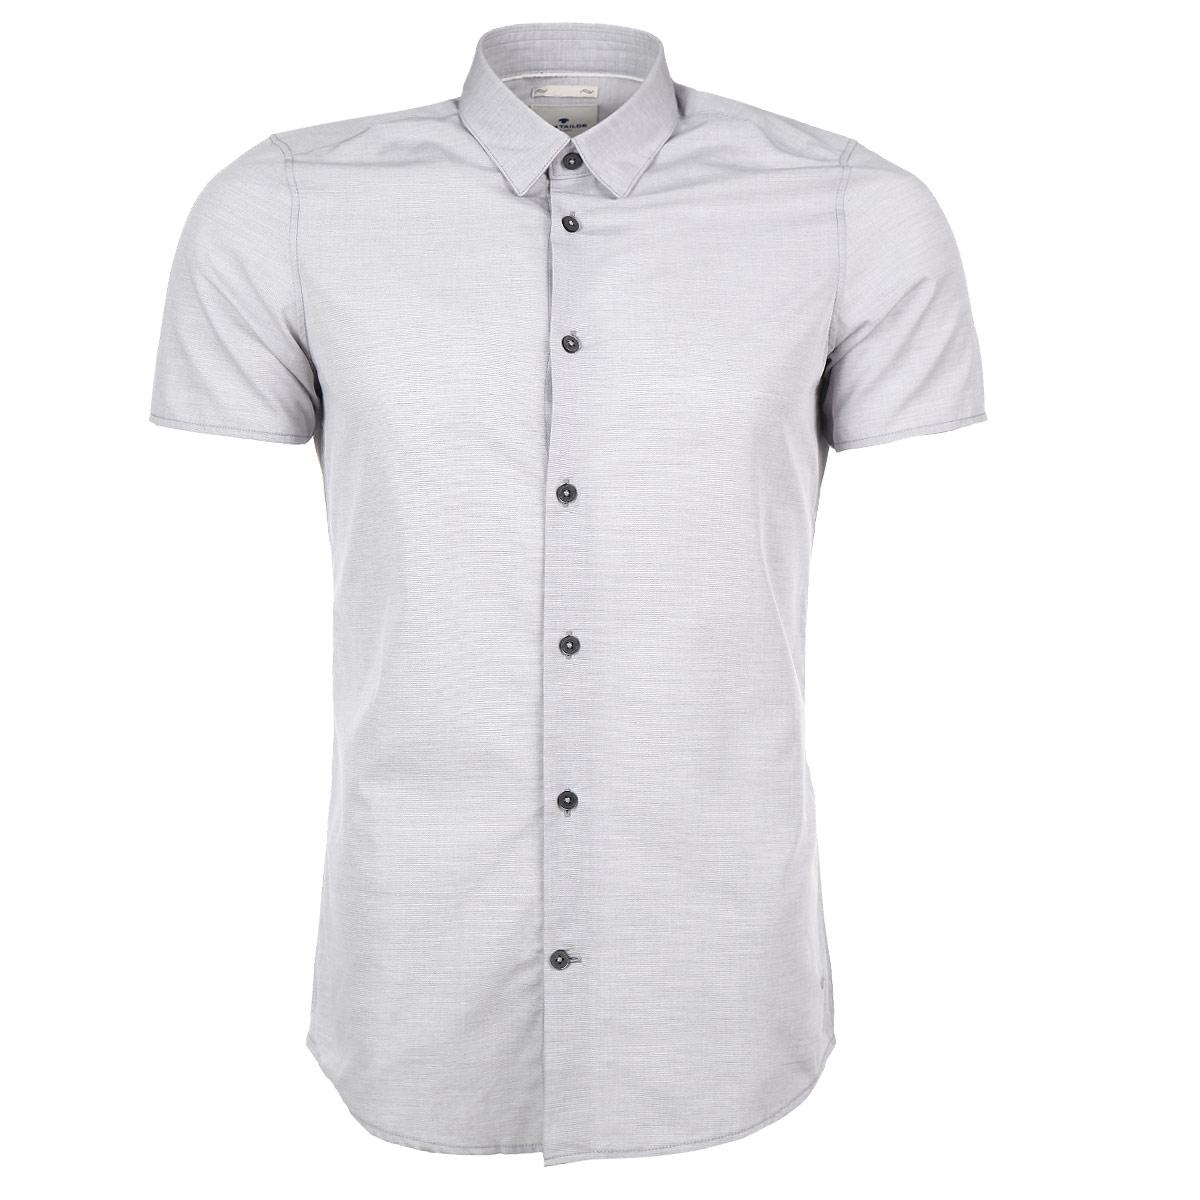 Рубашка мужская. 2029957.00.152029957.00.15_2624Стильная мужская рубашка Tom Tailor, изготовленная из высококачественного материала - хлопка с добавлением полиэстера, необычайно мягкая и приятная на ощупь, не сковывает движения и позволяет коже дышать, обеспечивая наибольший комфорт. Модная рубашка прямого кроя с короткими рукавами, полукруглым низом и отложным воротником застегивается на пуговицы. Эта рубашка идеальный вариант для повседневного гардероба. Такая модель порадует настоящих ценителей комфорта и практичности!